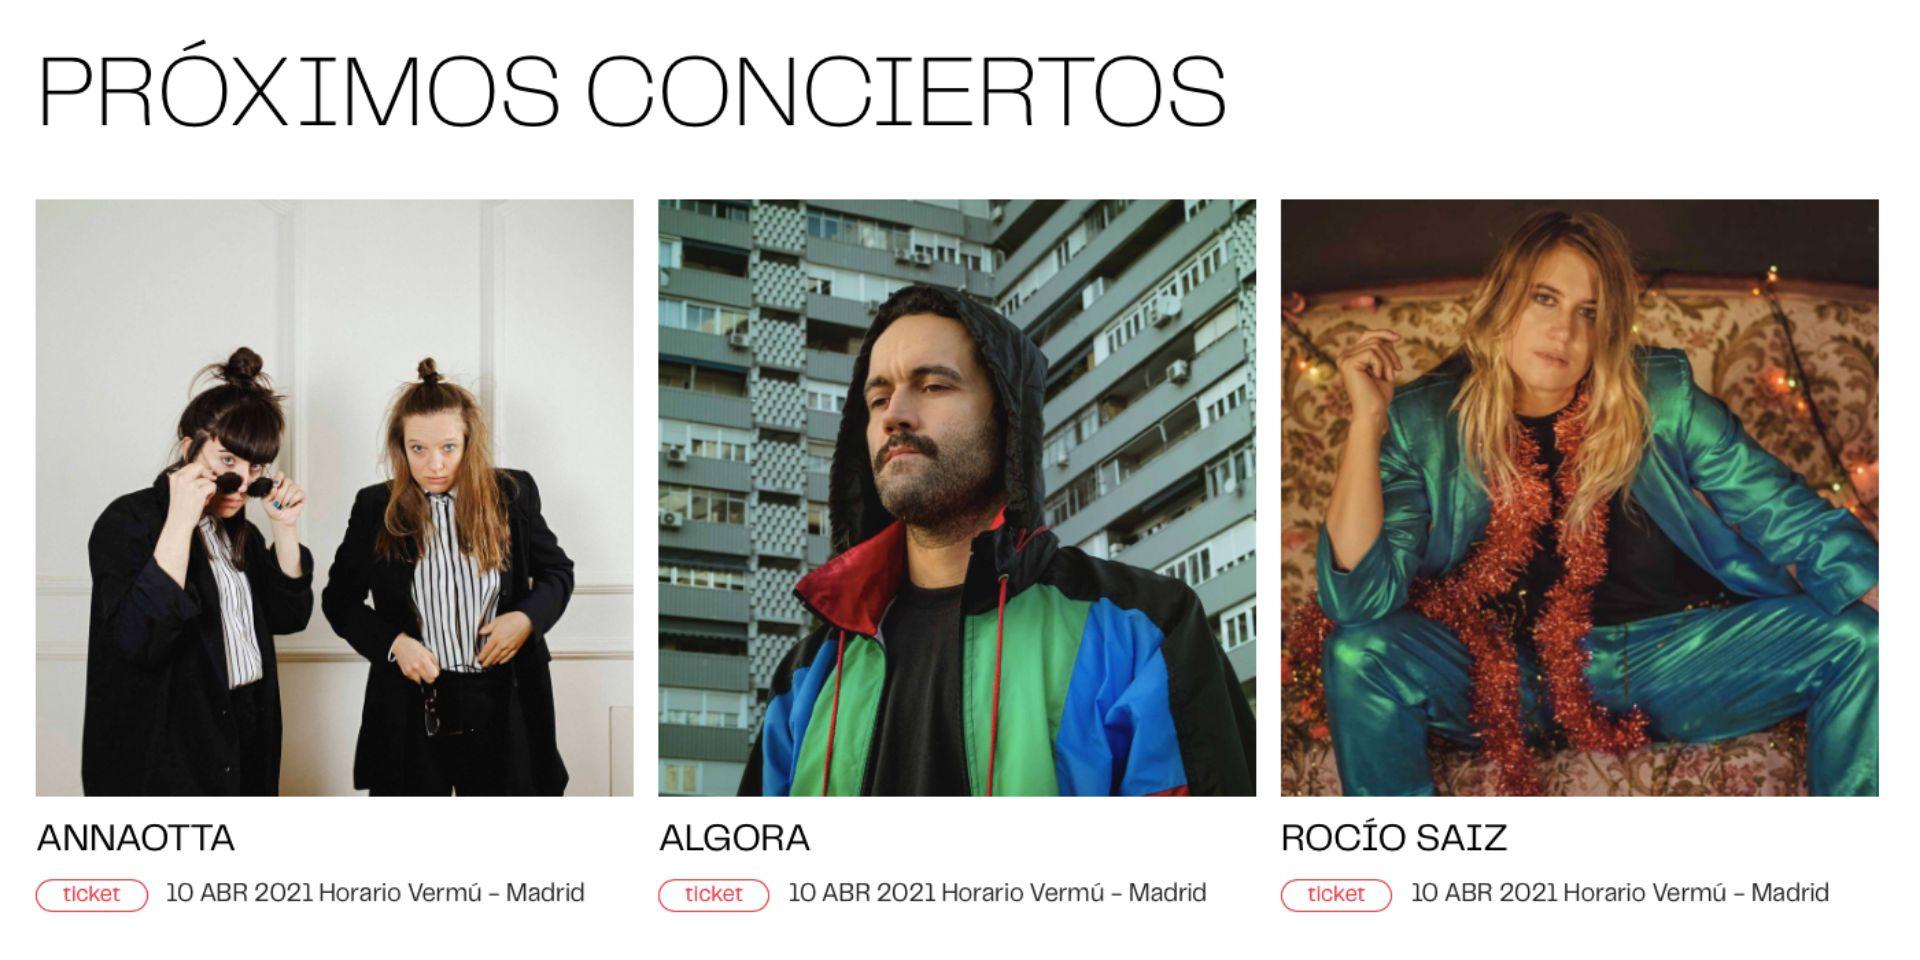 EllESmusic se presentará en Madrid el 10 de abril con Algora y AnnaOtta